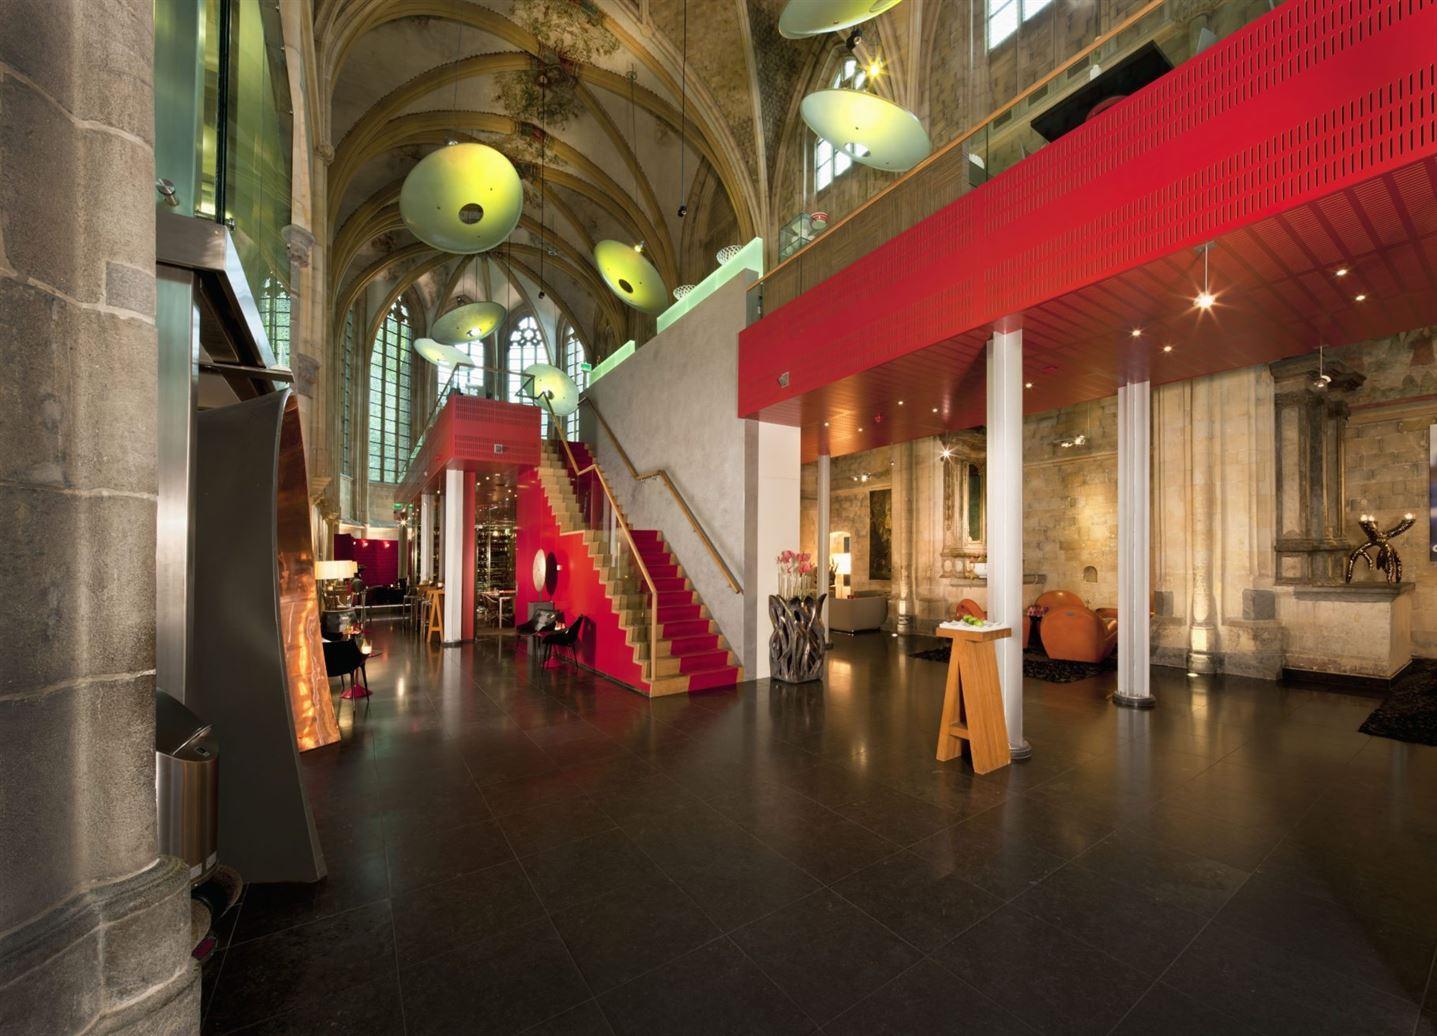 kruisheren_interior_Etienne-van-Sloun2-1820x1312